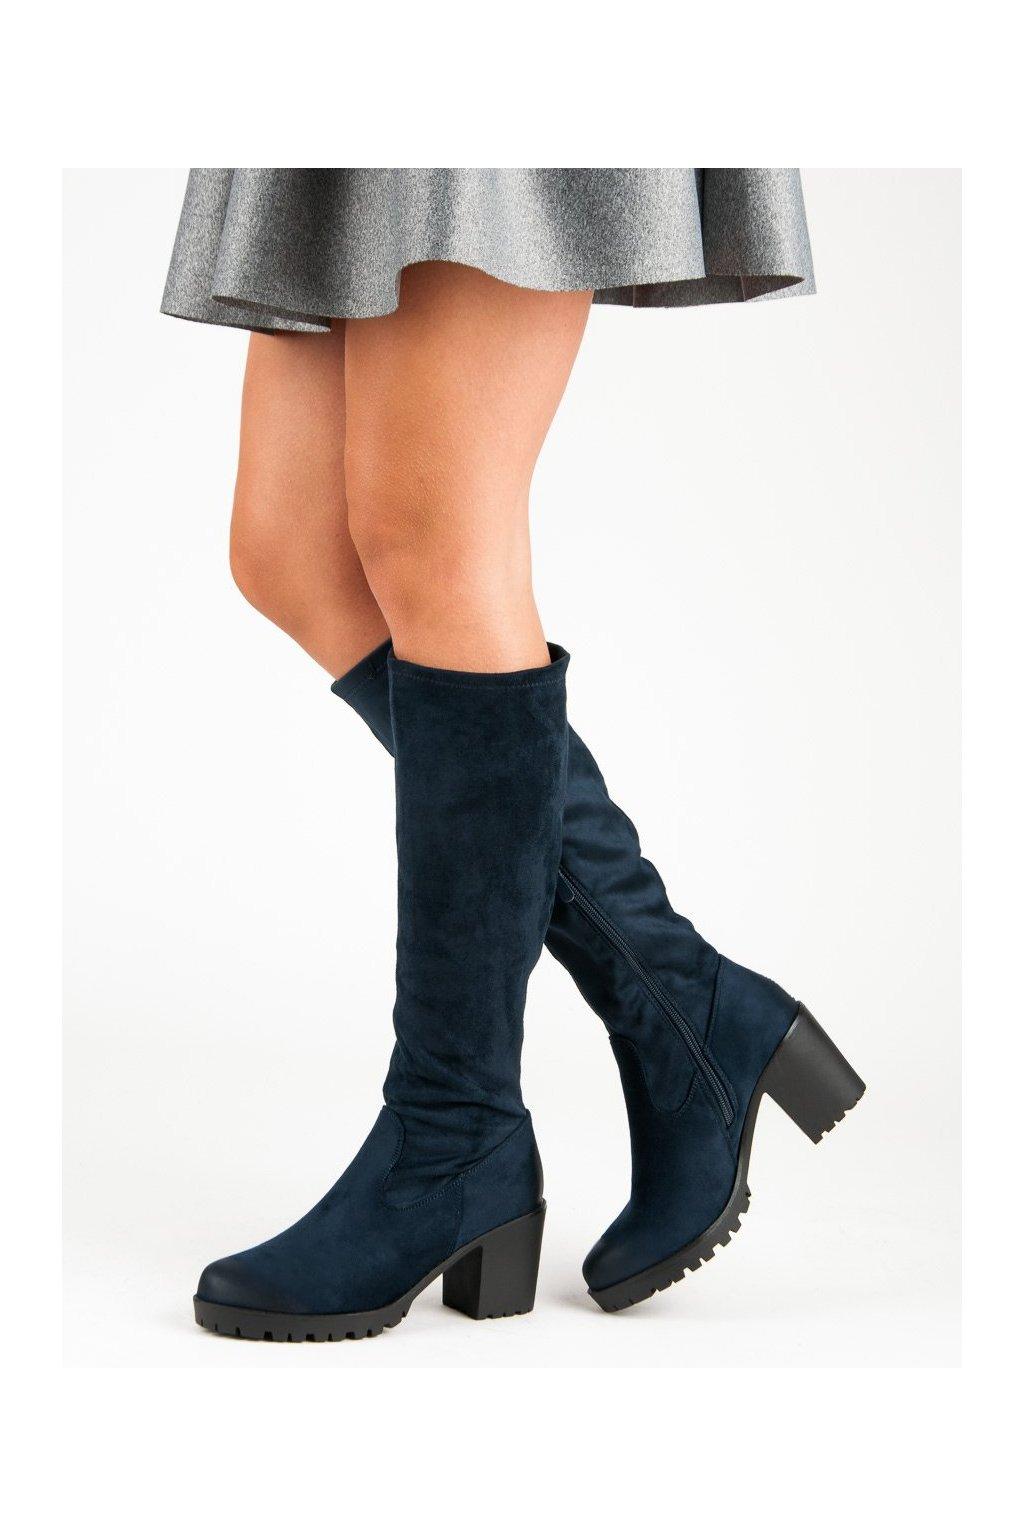 d875c610c9 Topankovo cizmy nad kolena